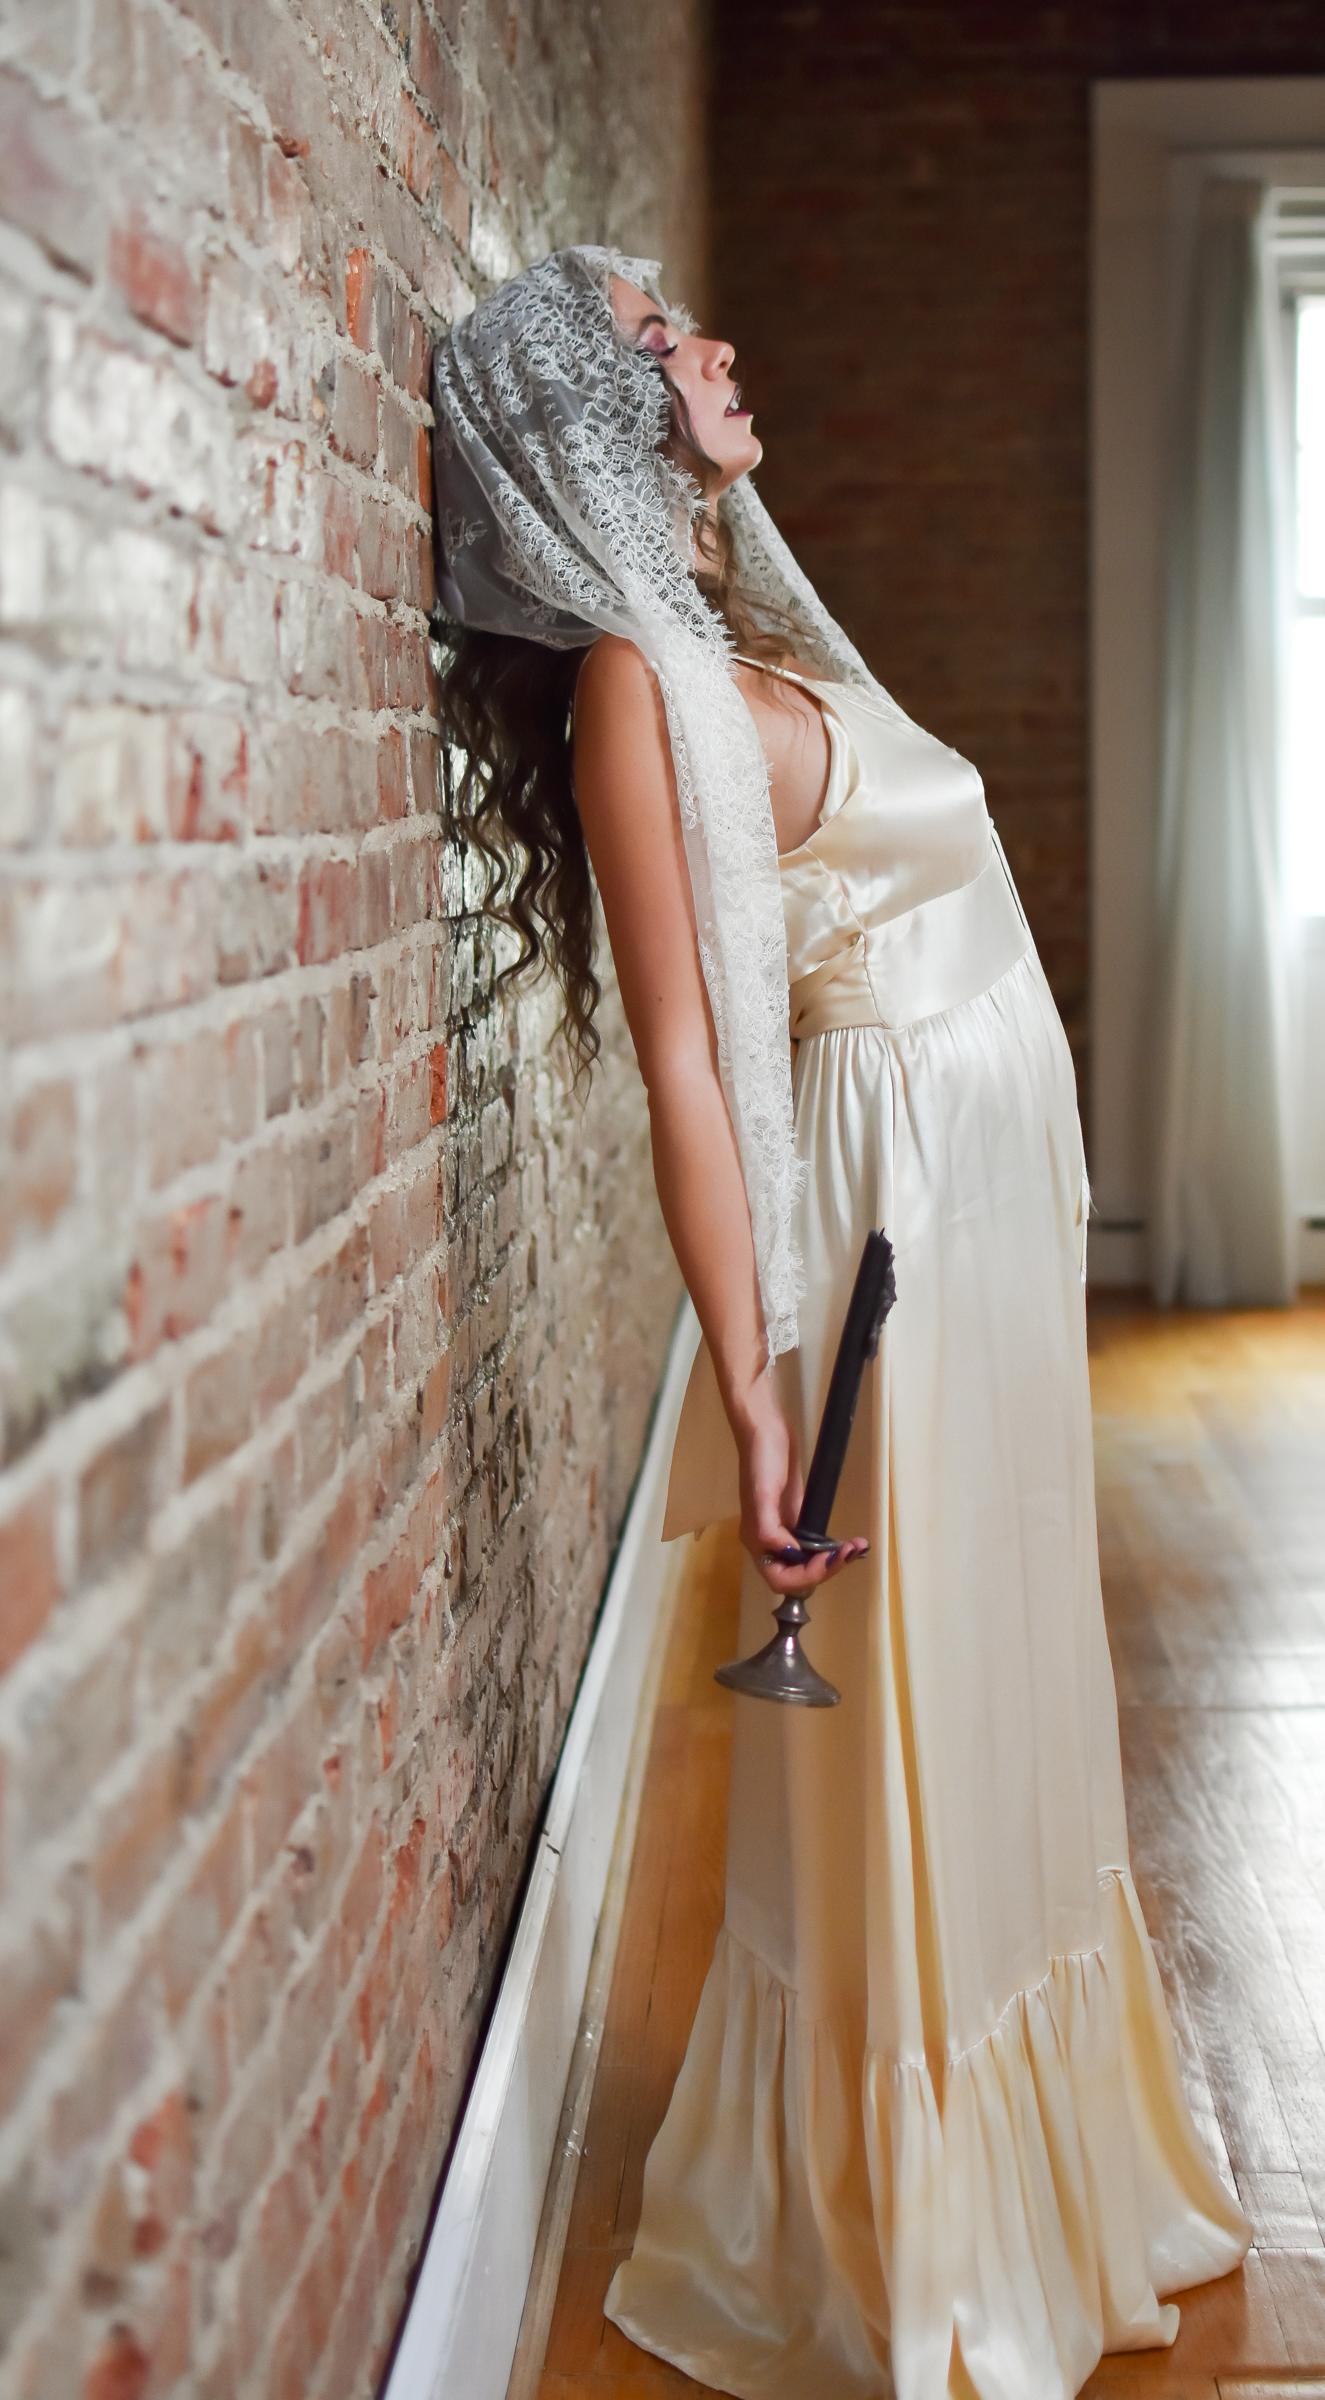 styled-shoot-editorial-washington-dc-photographer